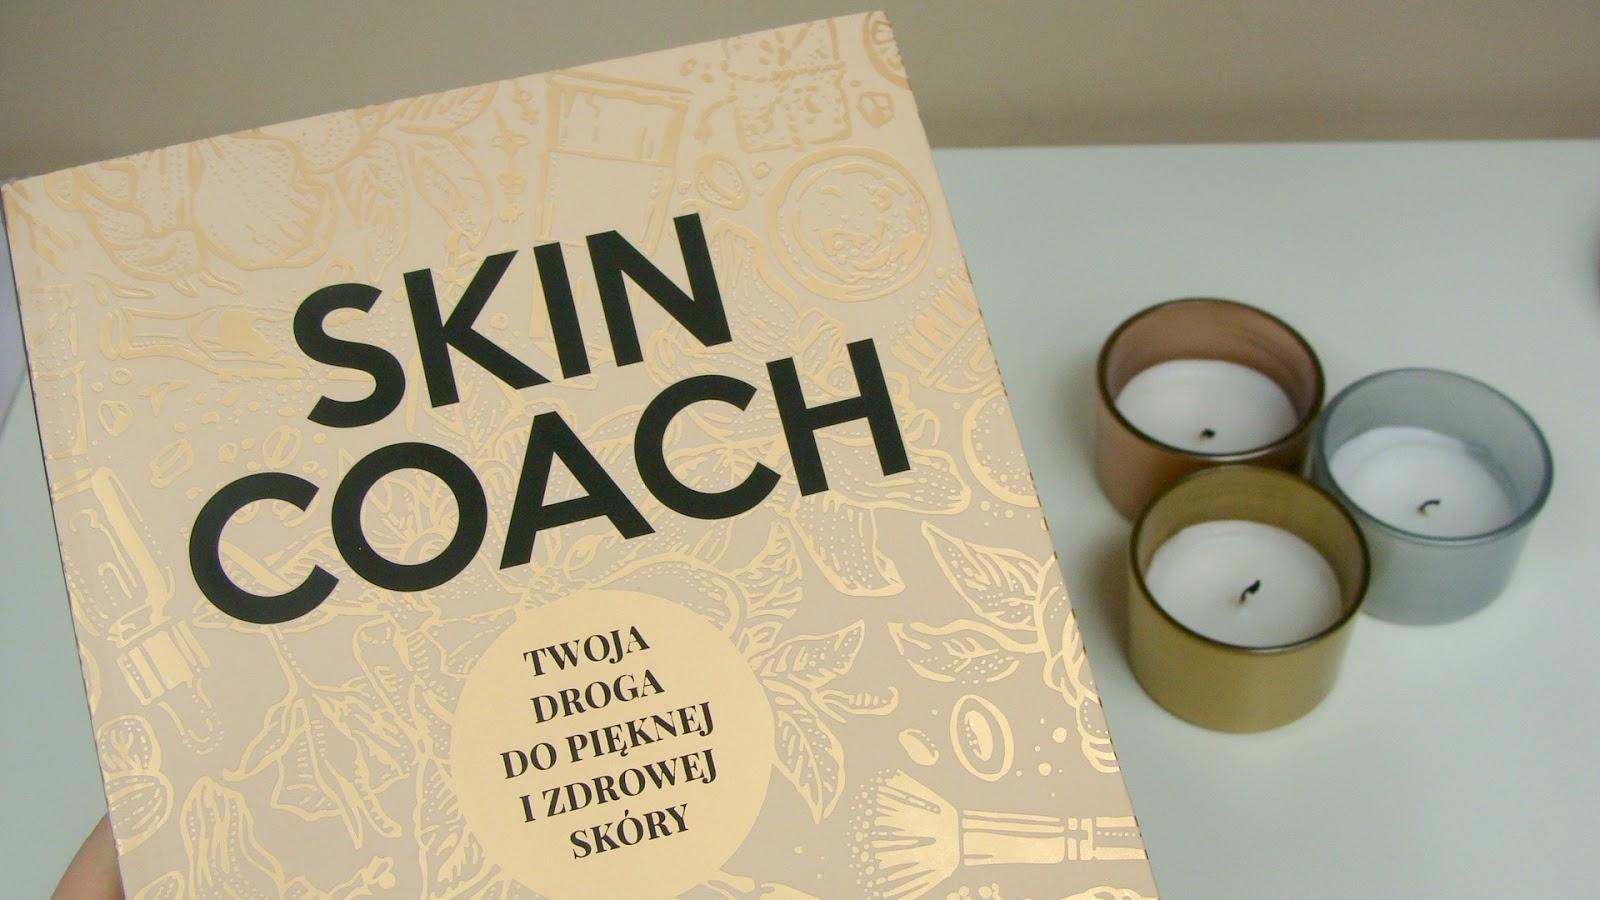 Skin coach, książka skin coach recenzja